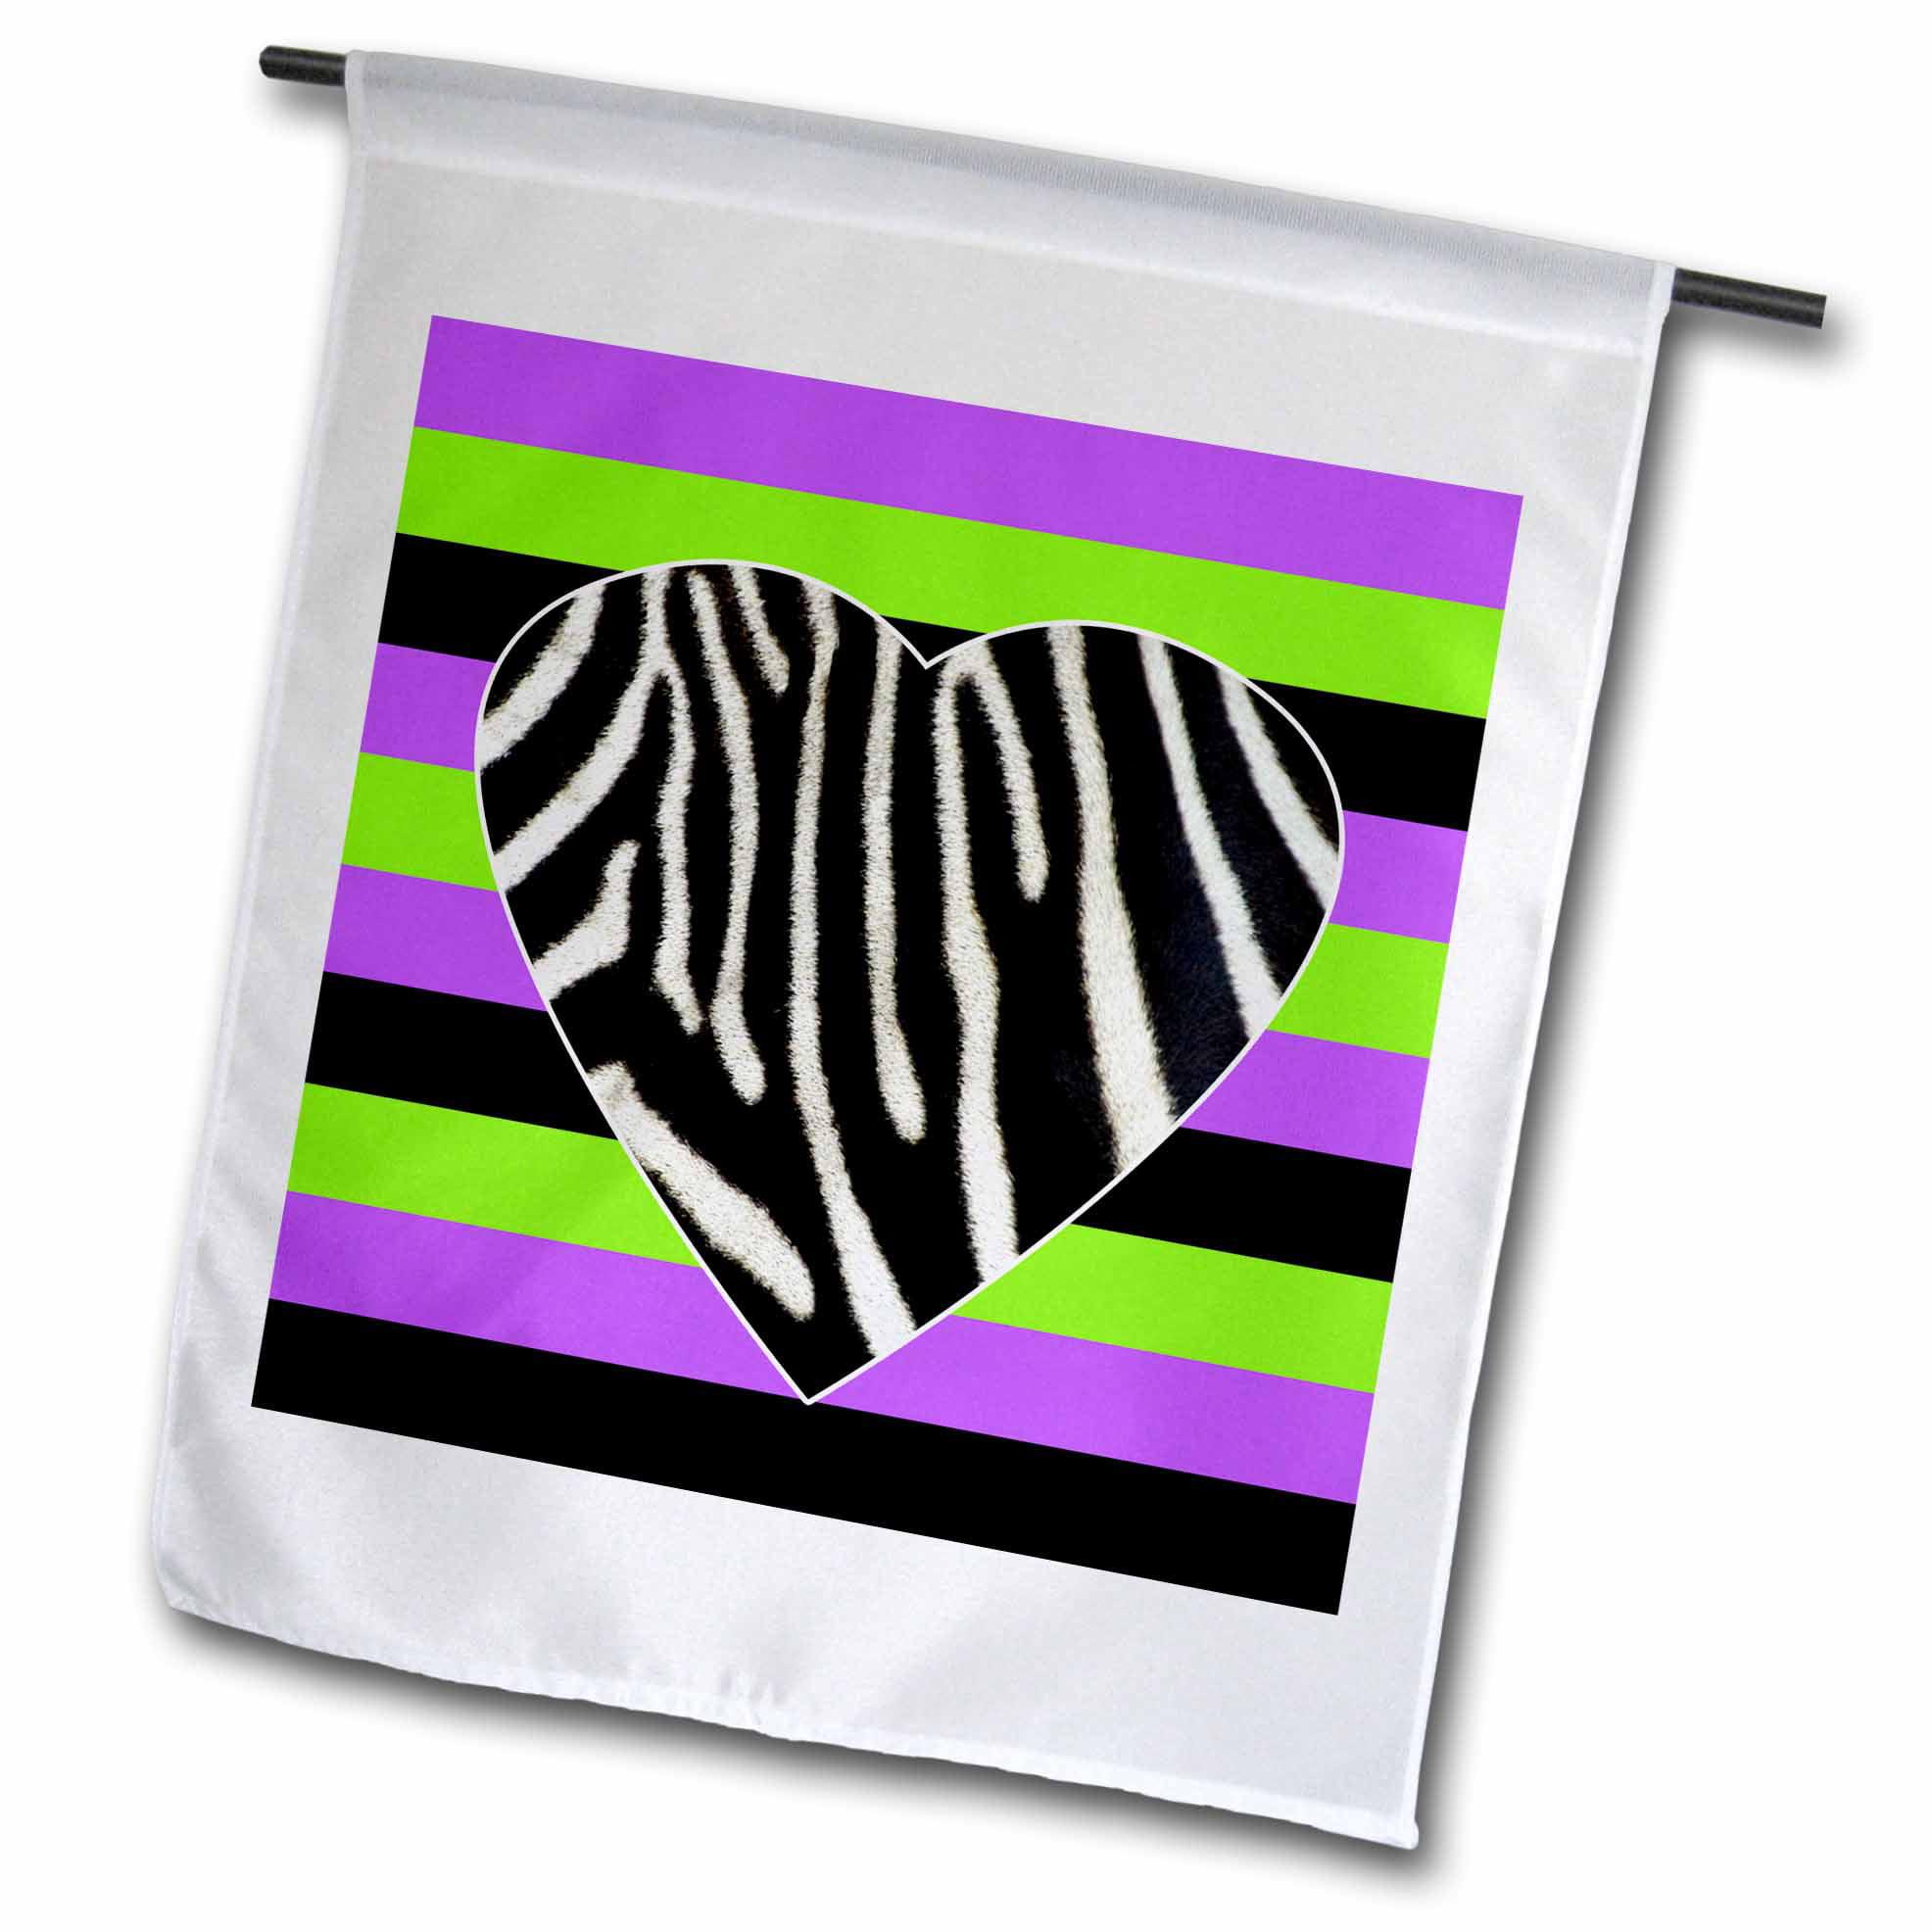 10 by 10-Inch 3dRose Punk Rockabilly Zebra Heart Purple Green Black Print Wall Clock